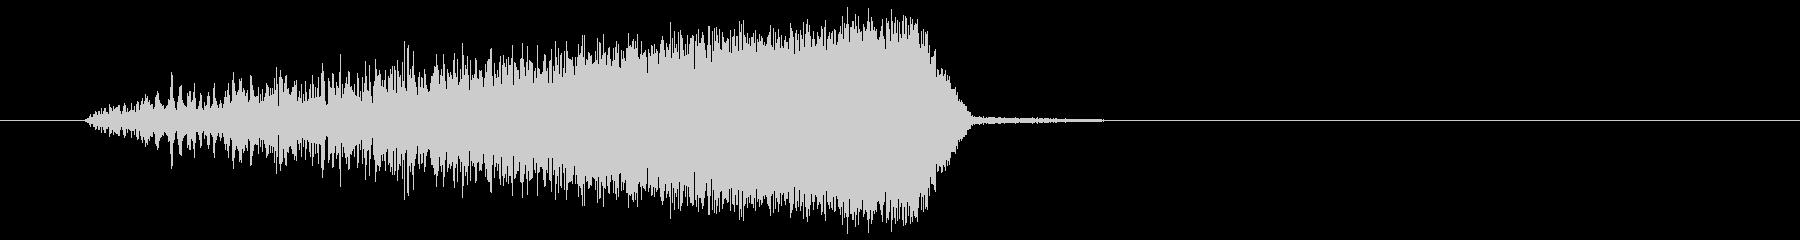 ヒュイィィ(力や気を溜める音) 01の未再生の波形